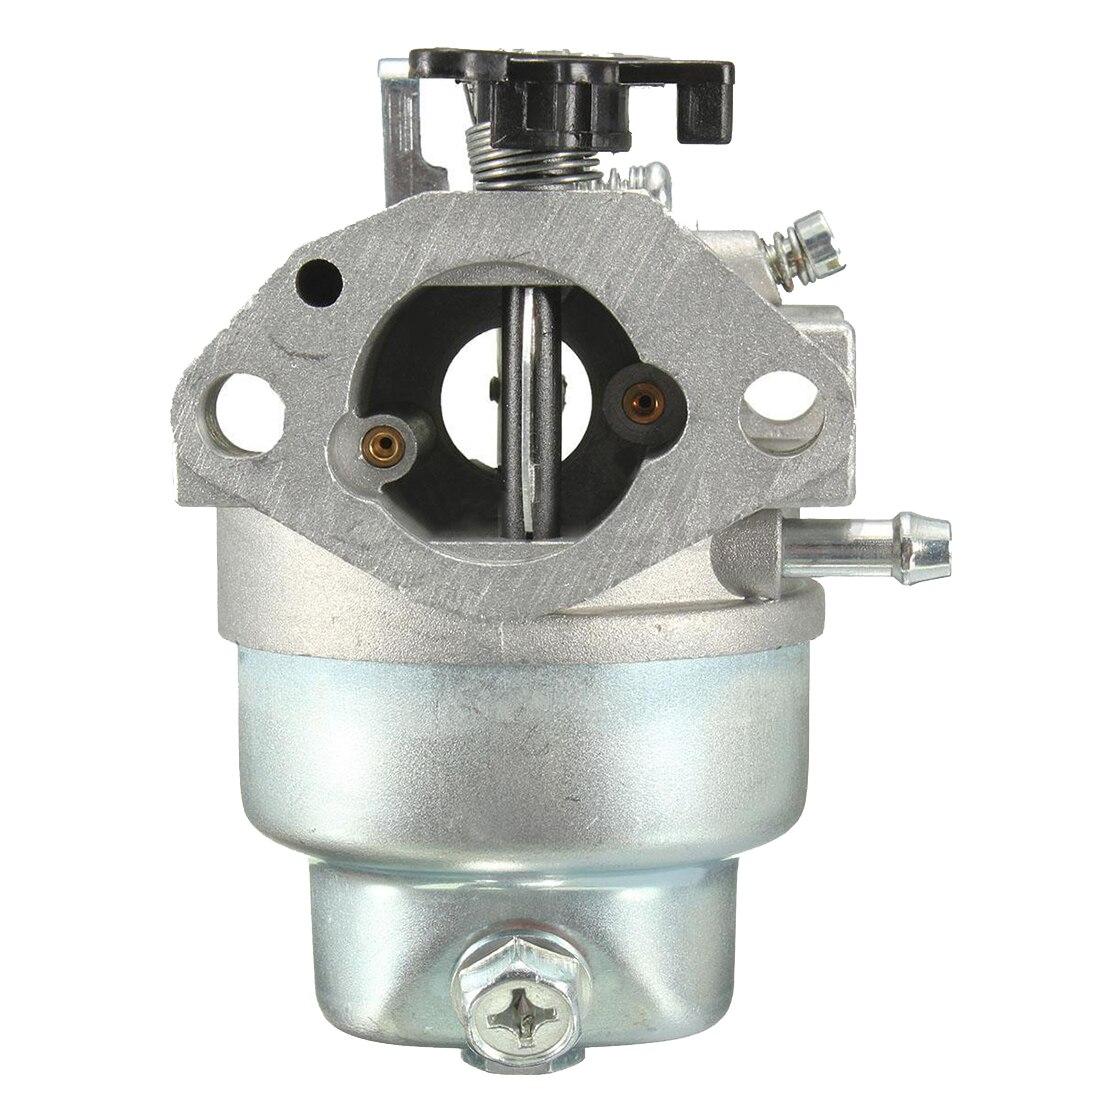 Adjustable Carburetor Carb For HONDA GCV160 HRB216 HRS216 HRR216 HRT216 Engine SilverAdjustable Carburetor Carb For HONDA GCV160 HRB216 HRS216 HRR216 HRT216 Engine Silver